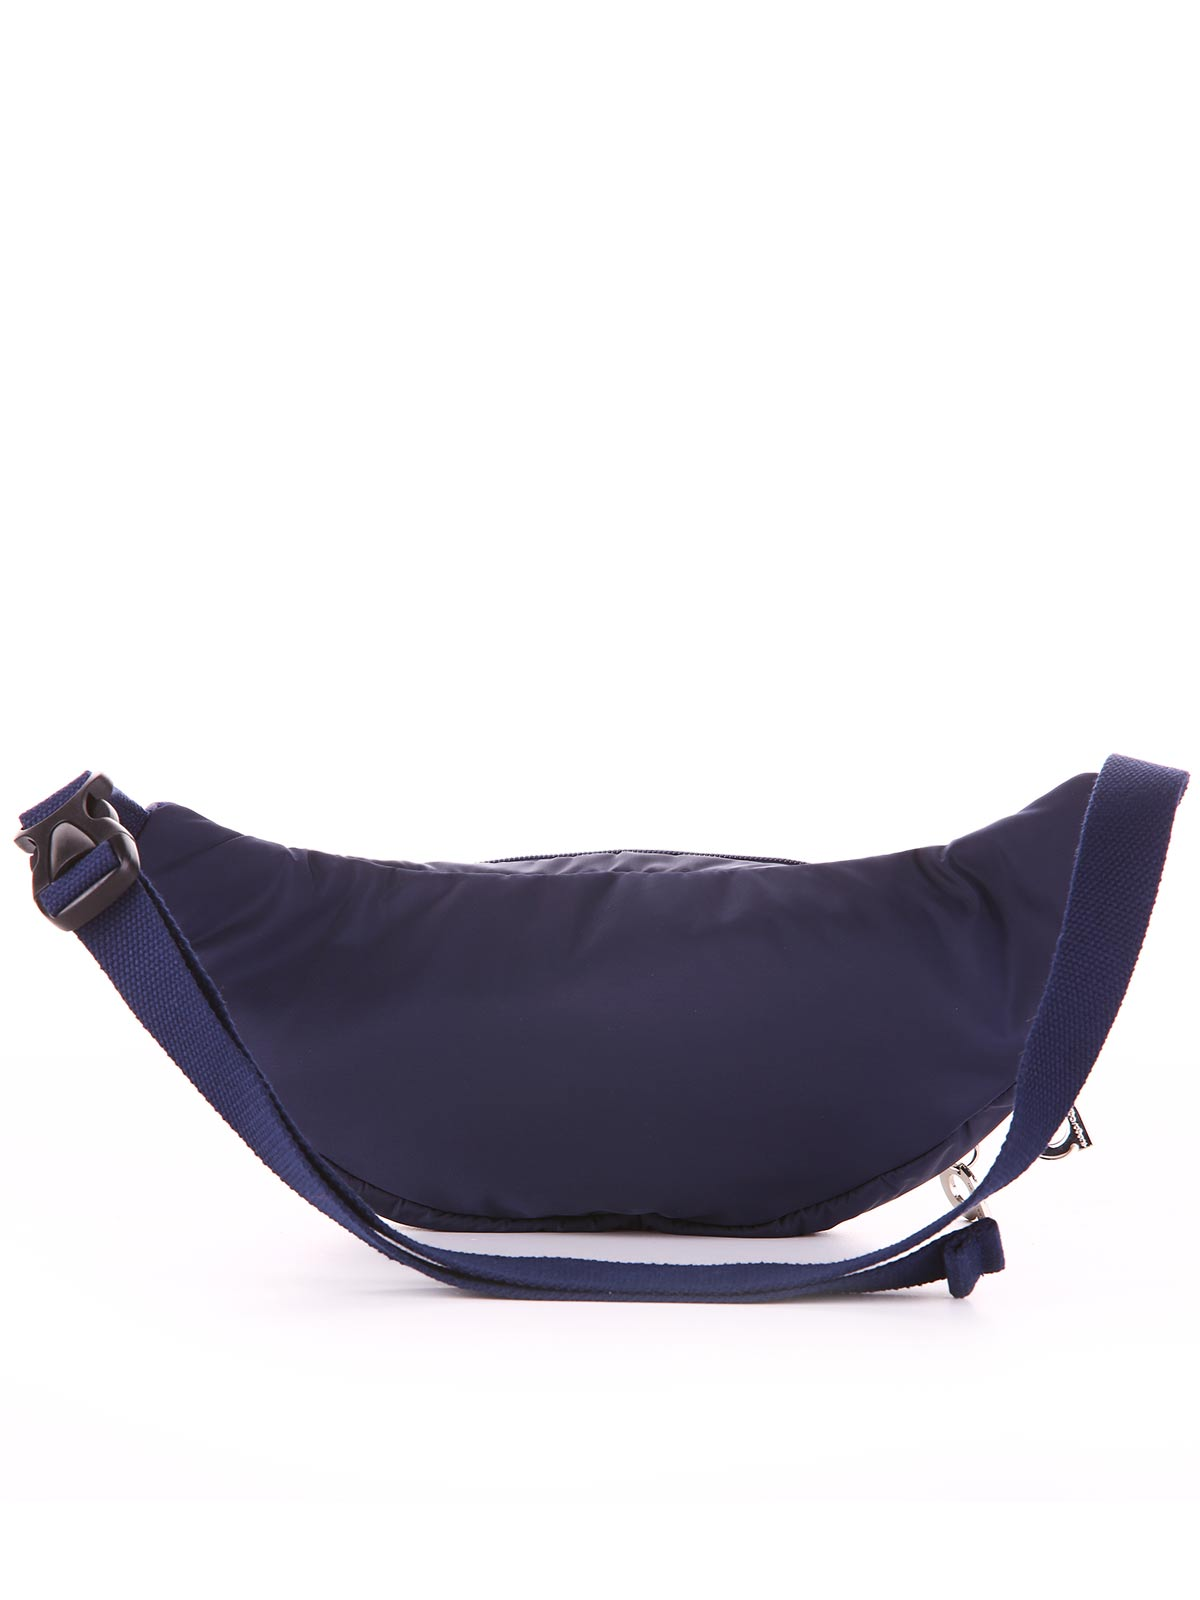 Модная сумка на пояс, модель 183882 синий. Фото товара, вид дополнительный.